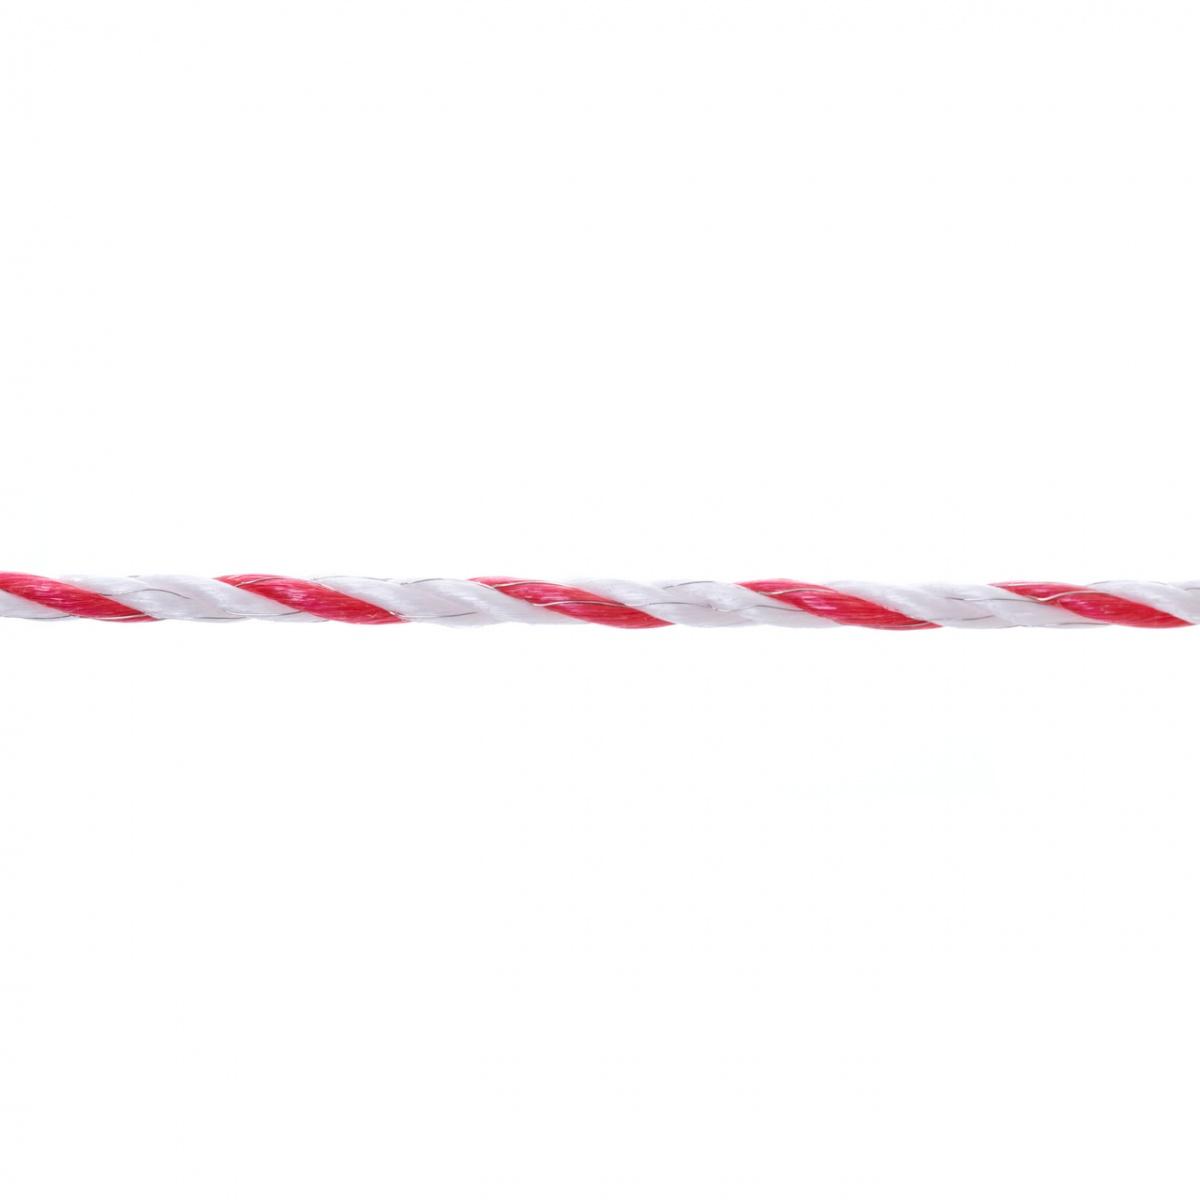 Villanypásztor kötél - 200m - 590kg - 0,4Ω/m